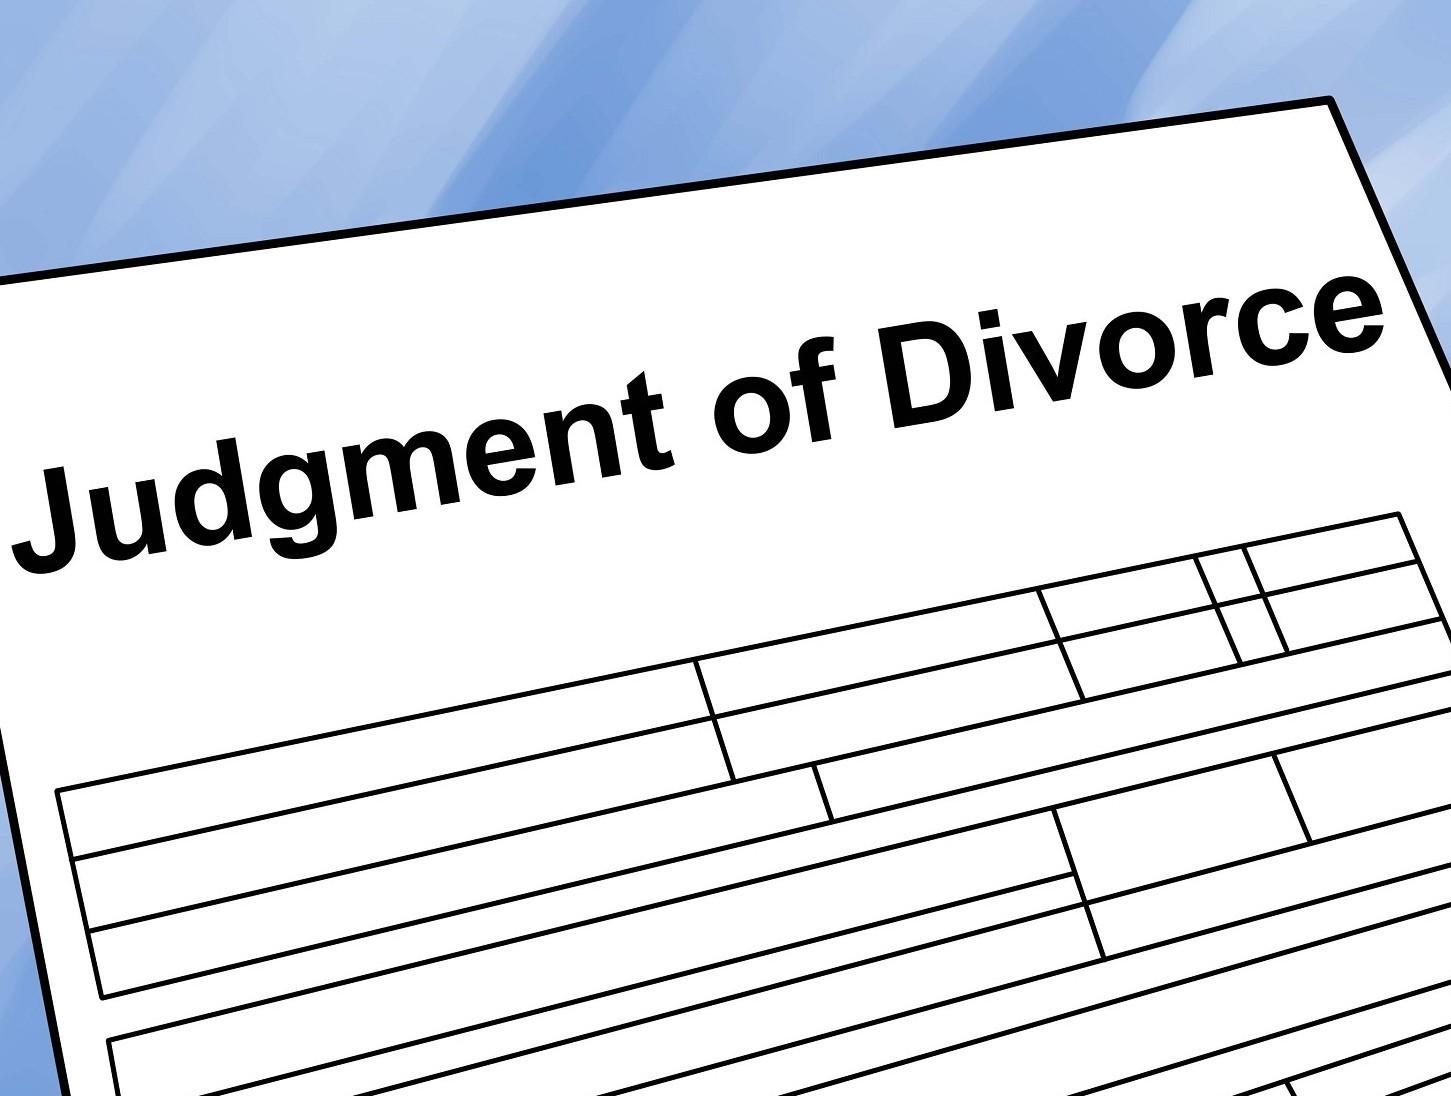 Divorzio breve, come funziona e come si può fare